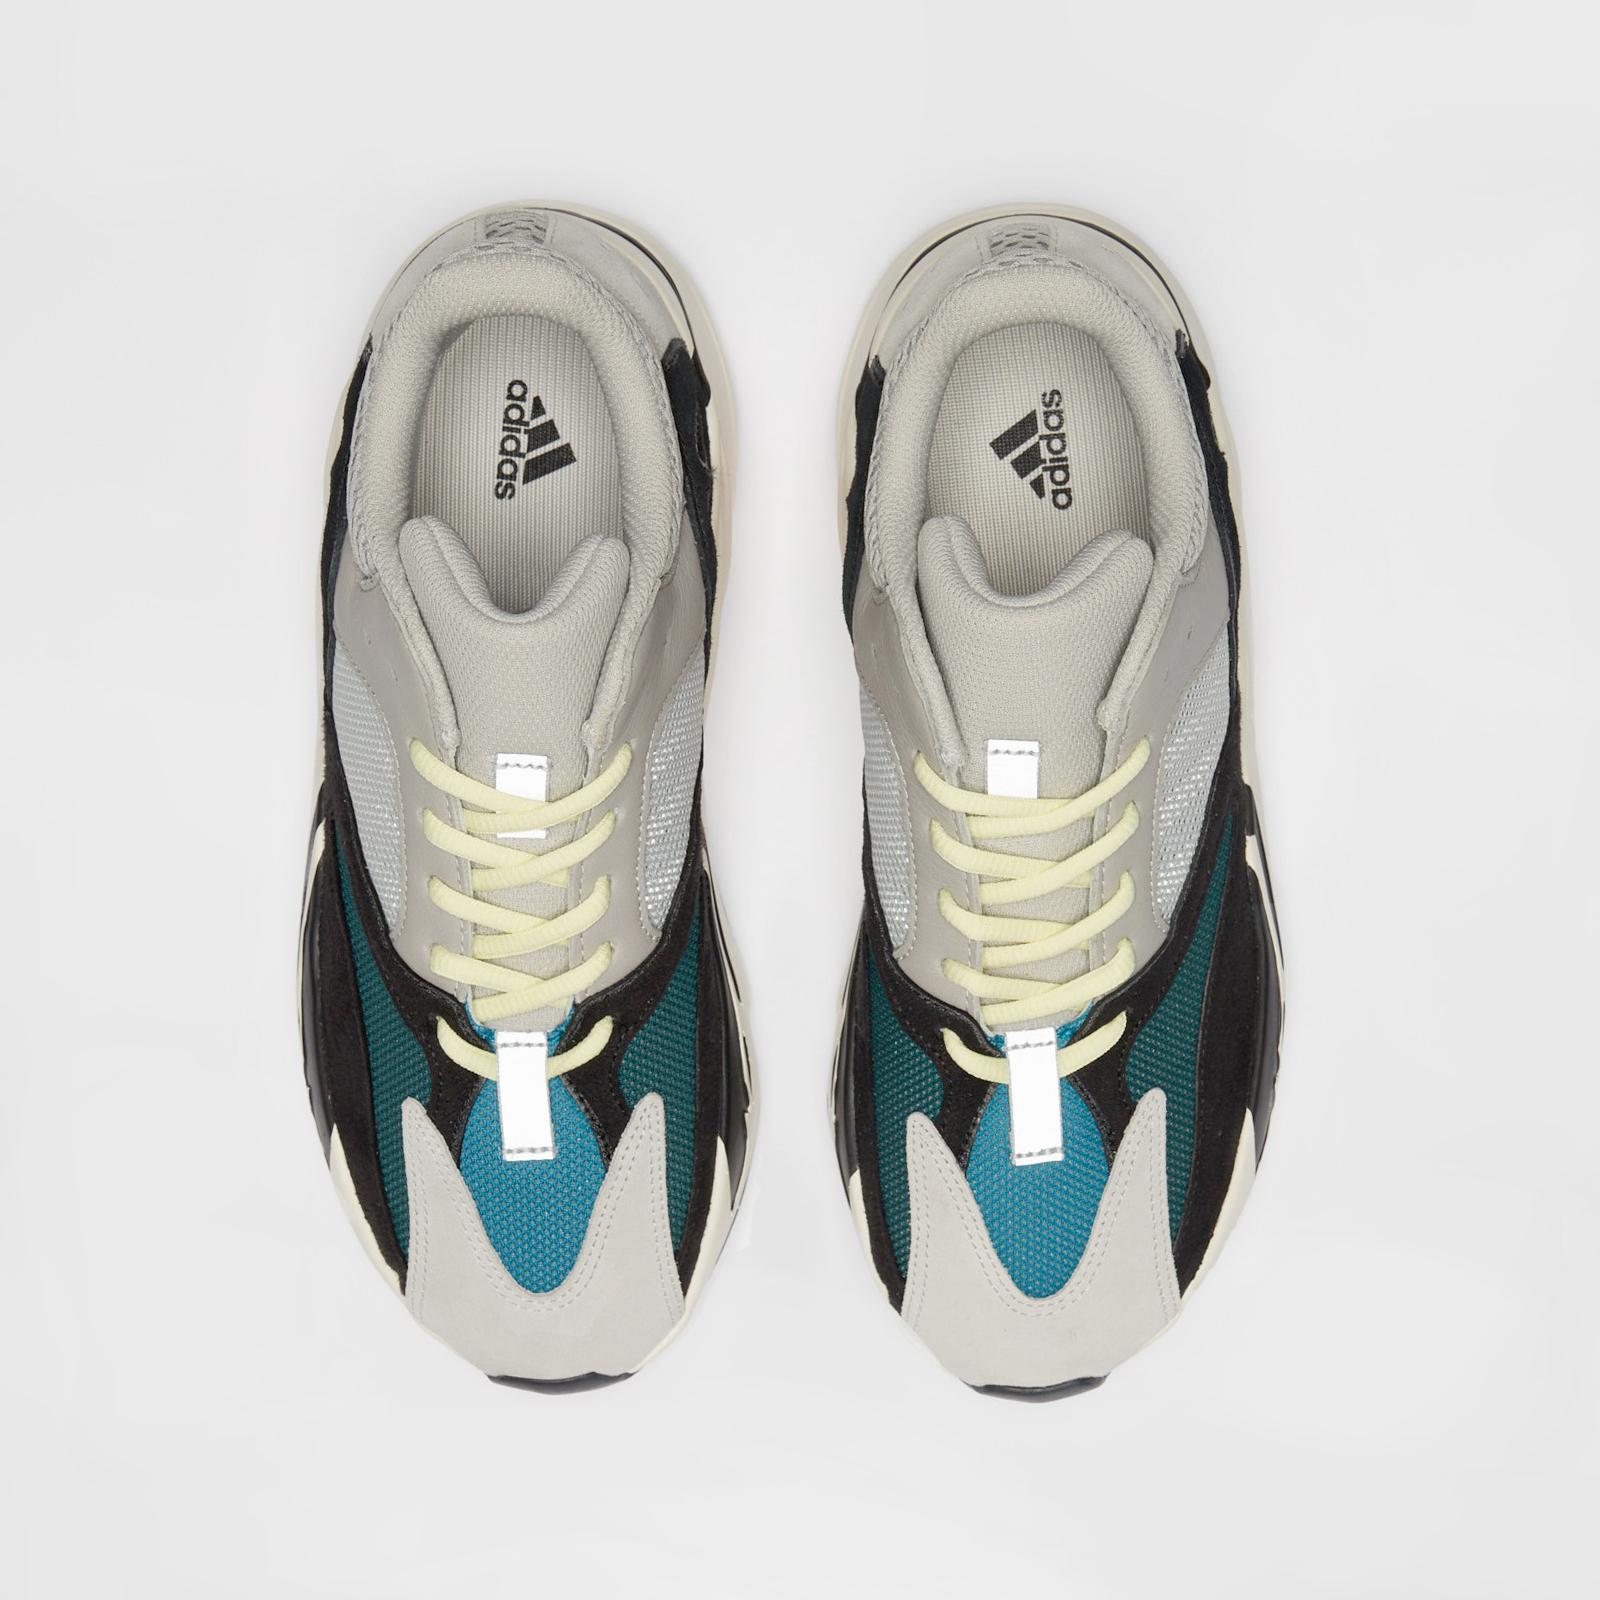 d601169e071e adidas Originals x Kanye West Yeezy Boost 700 - 7. Close